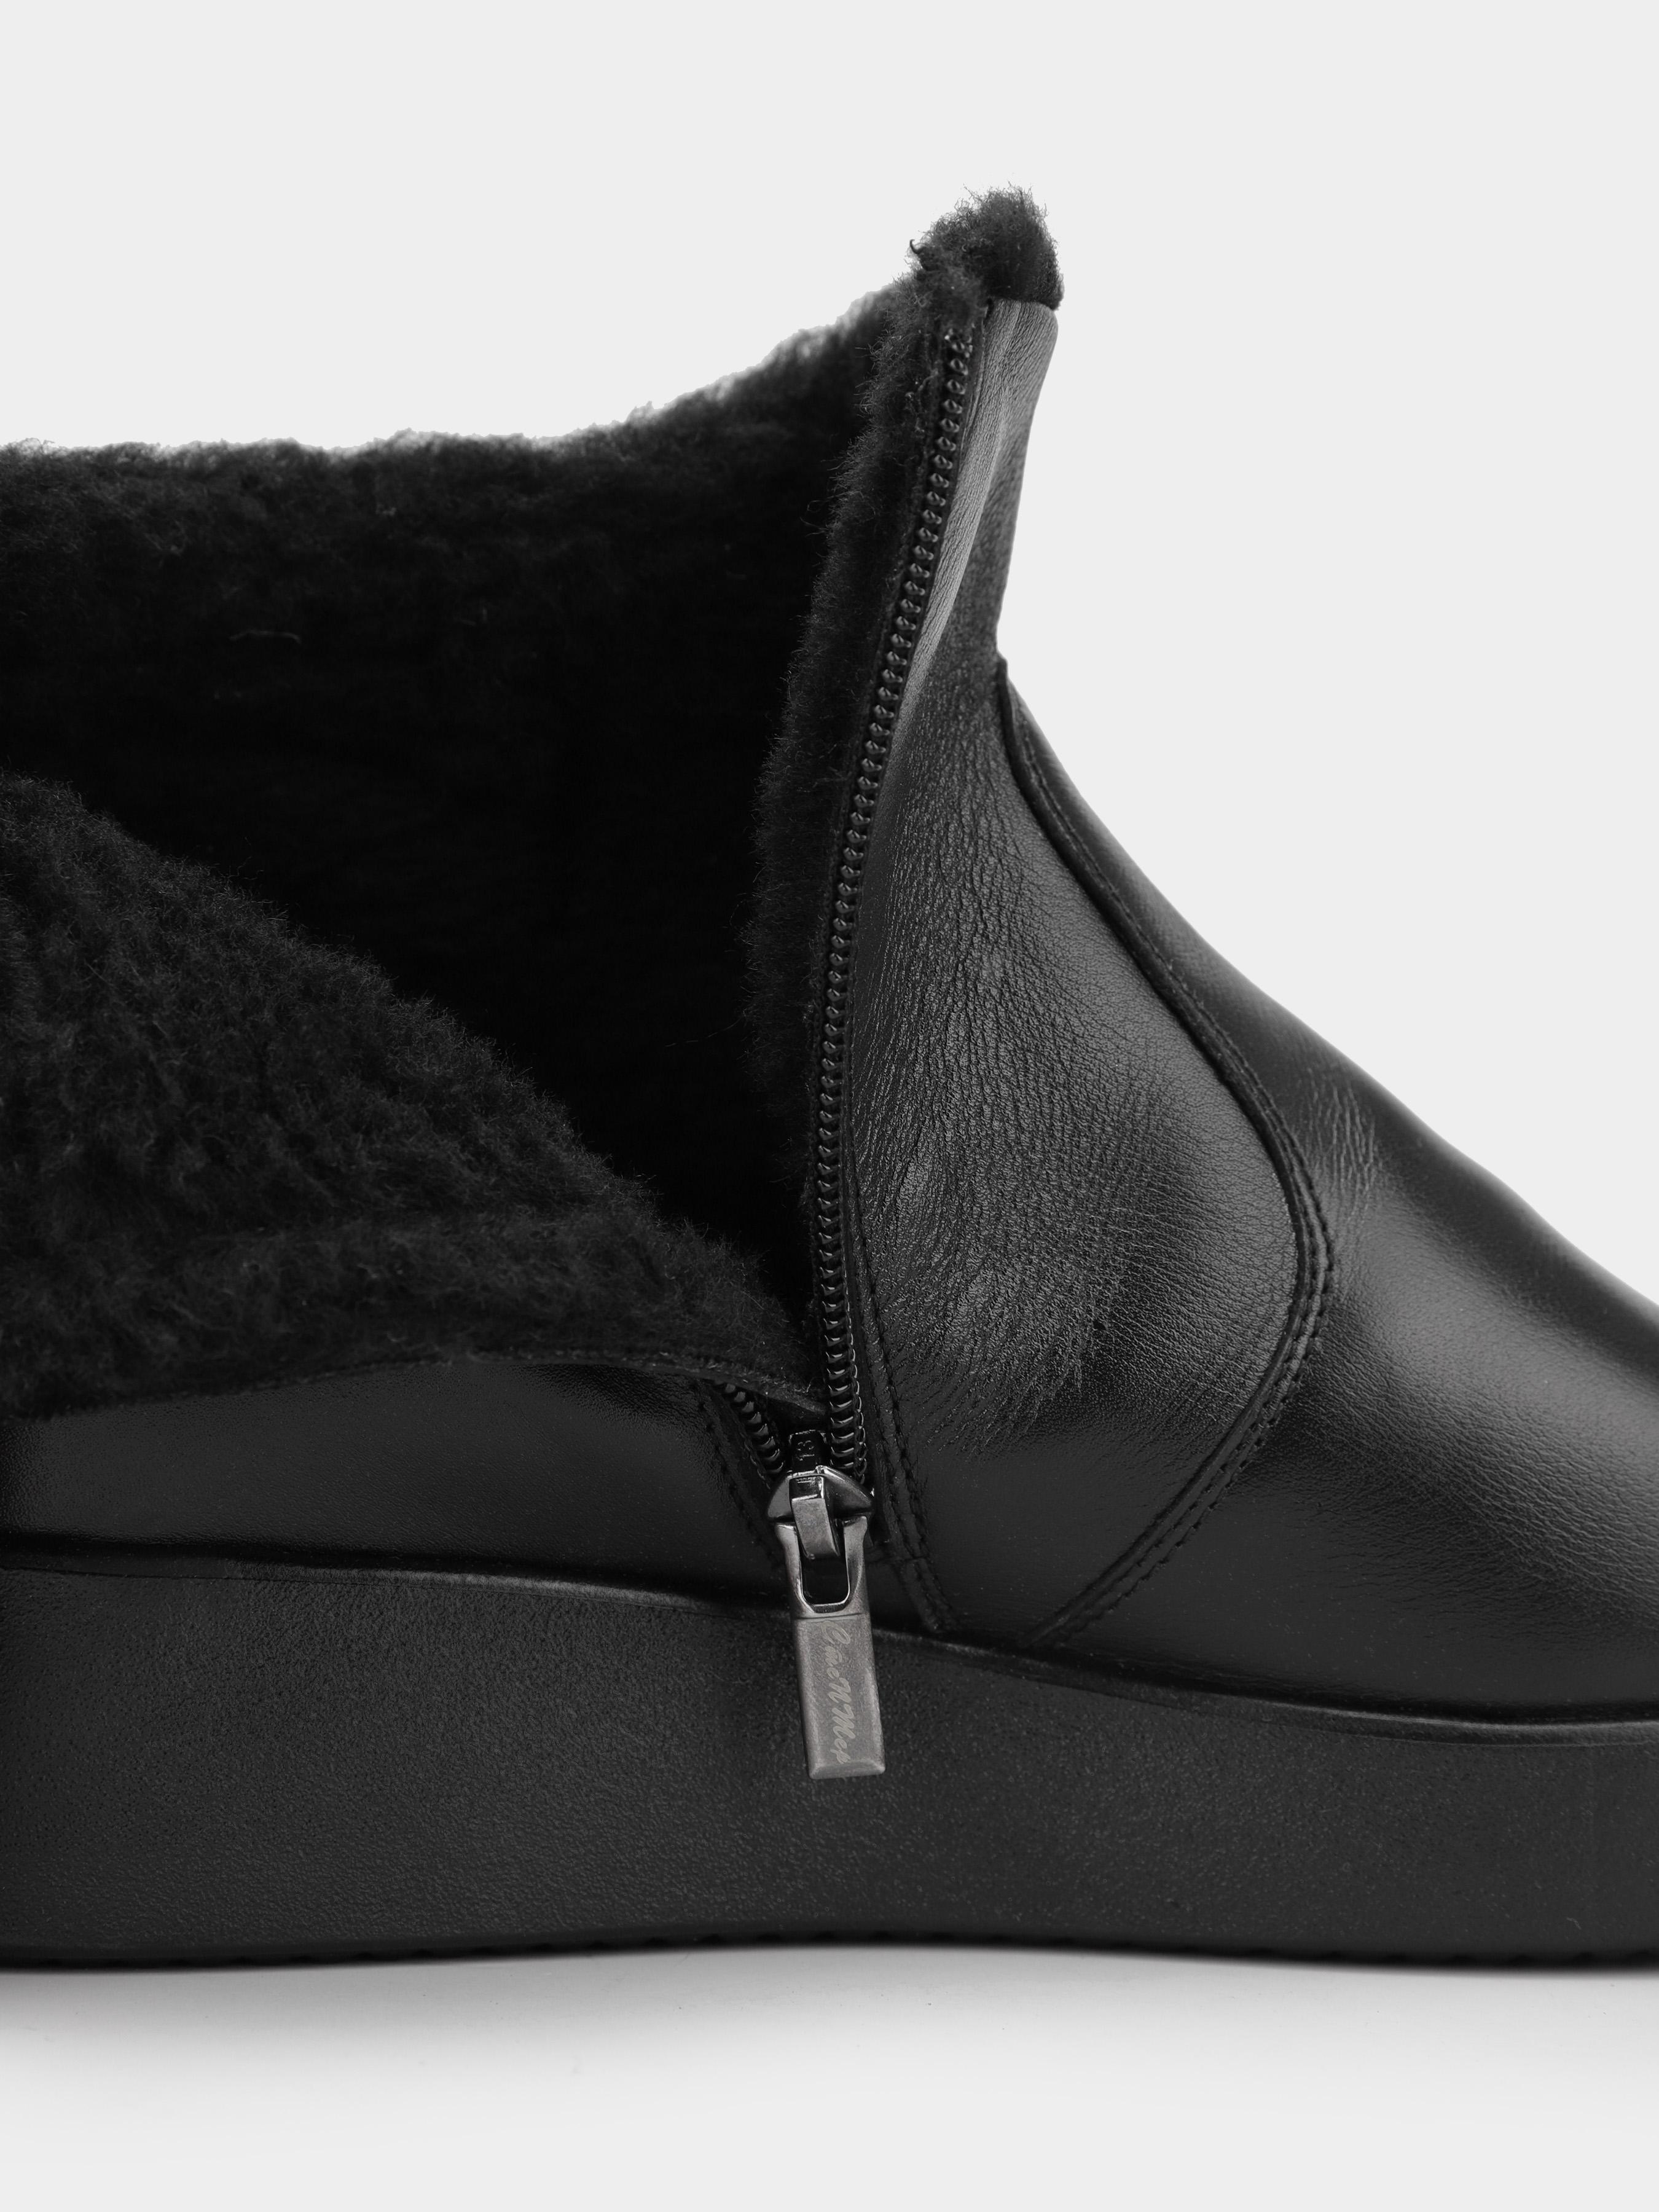 Ботинки для женщин Стептер 9K82 купить в Интертоп, 2017